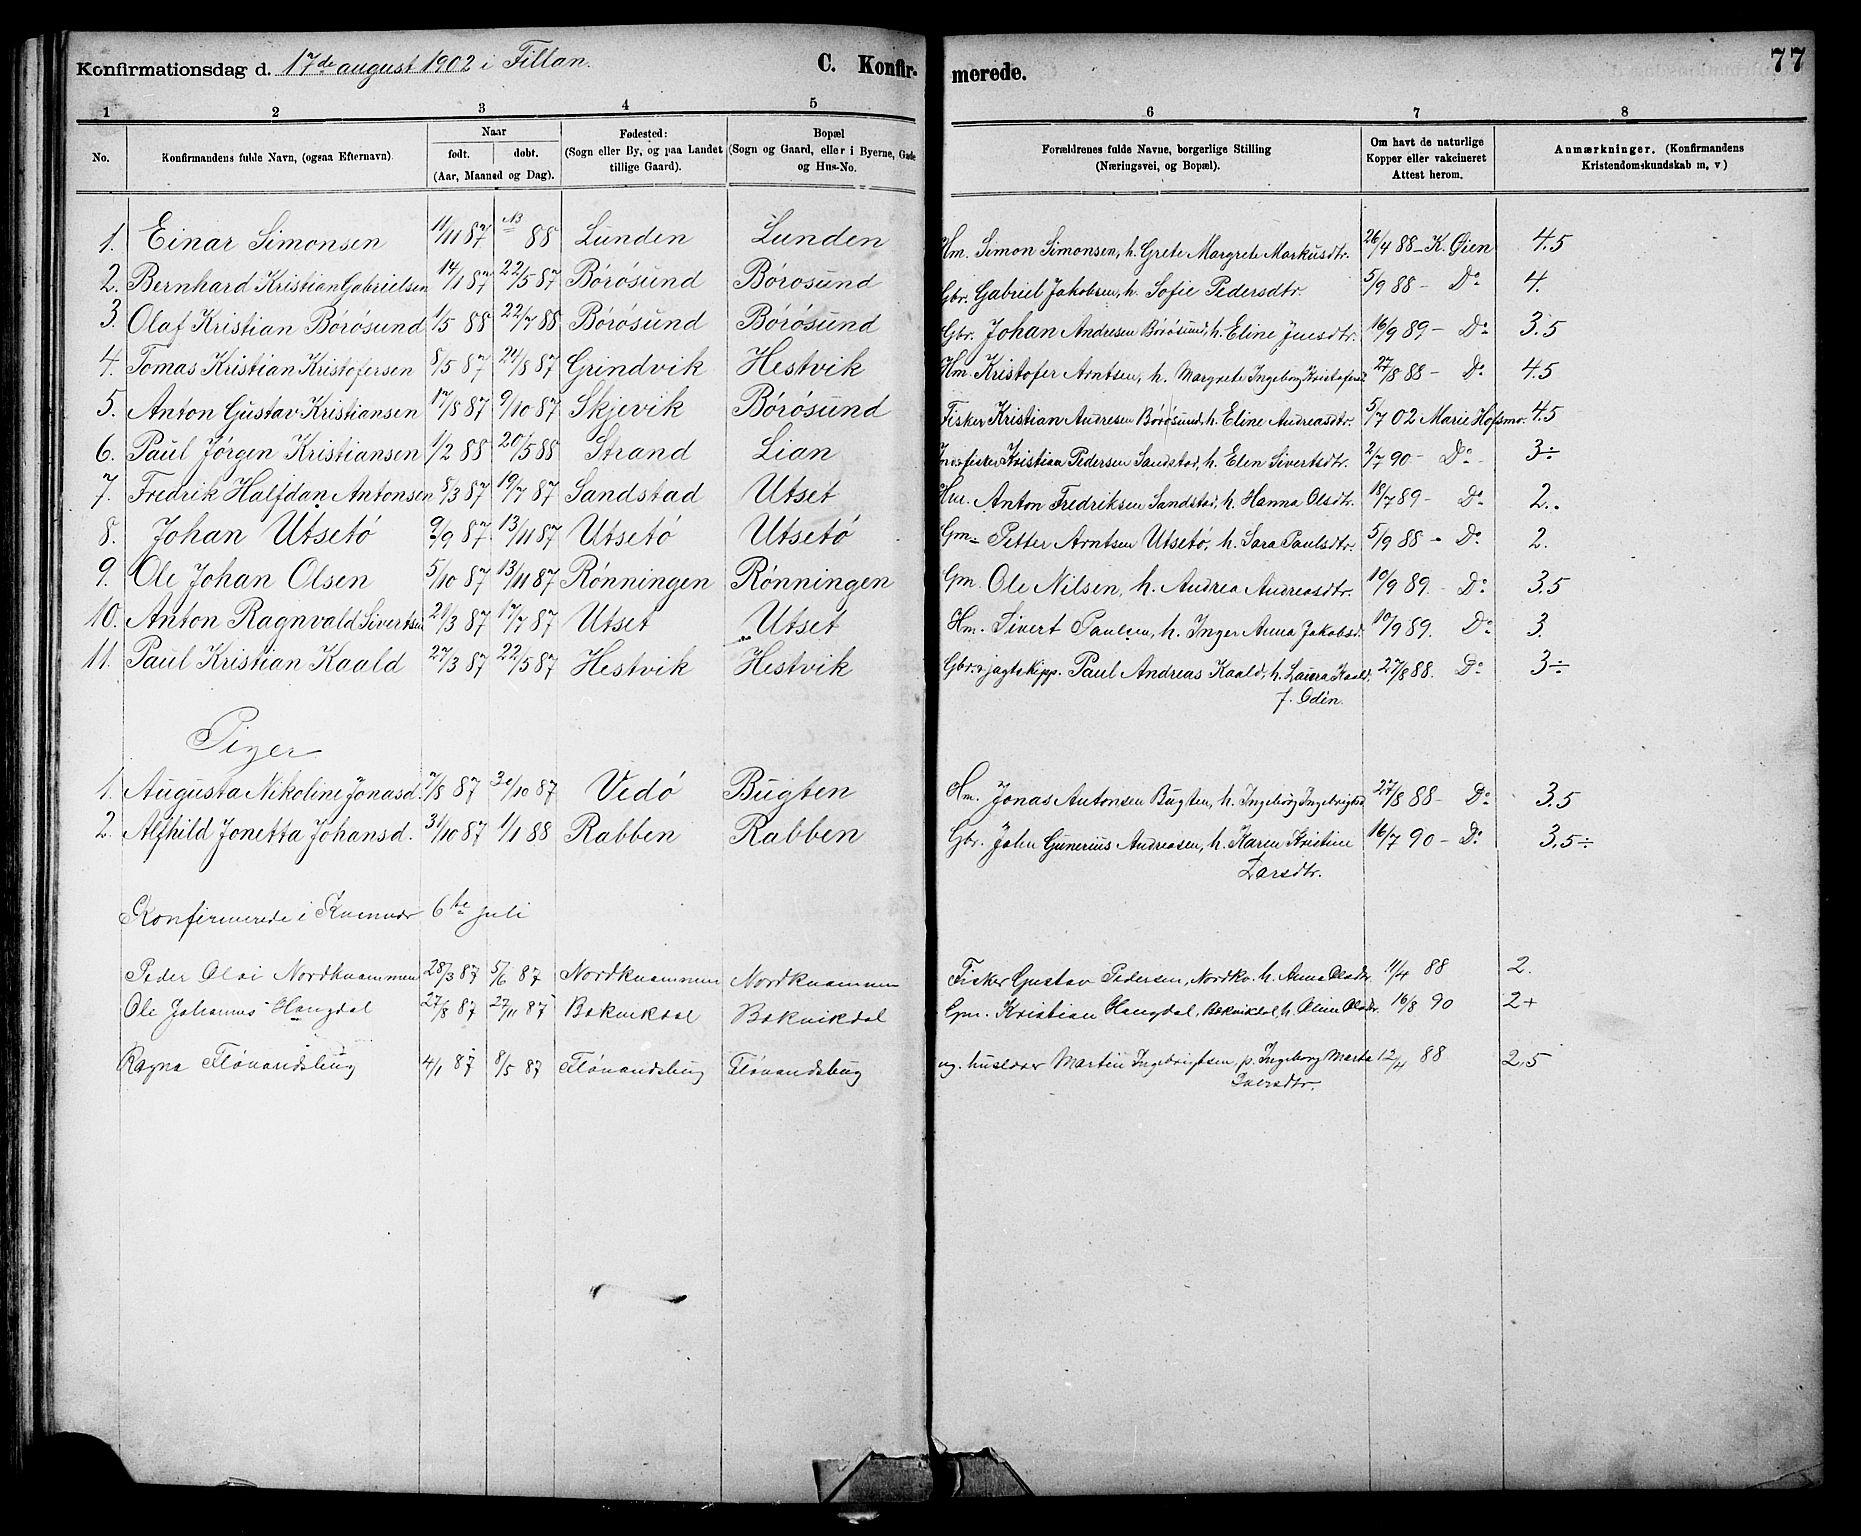 SAT, Ministerialprotokoller, klokkerbøker og fødselsregistre - Sør-Trøndelag, 639/L0573: Klokkerbok nr. 639C01, 1890-1905, s. 77